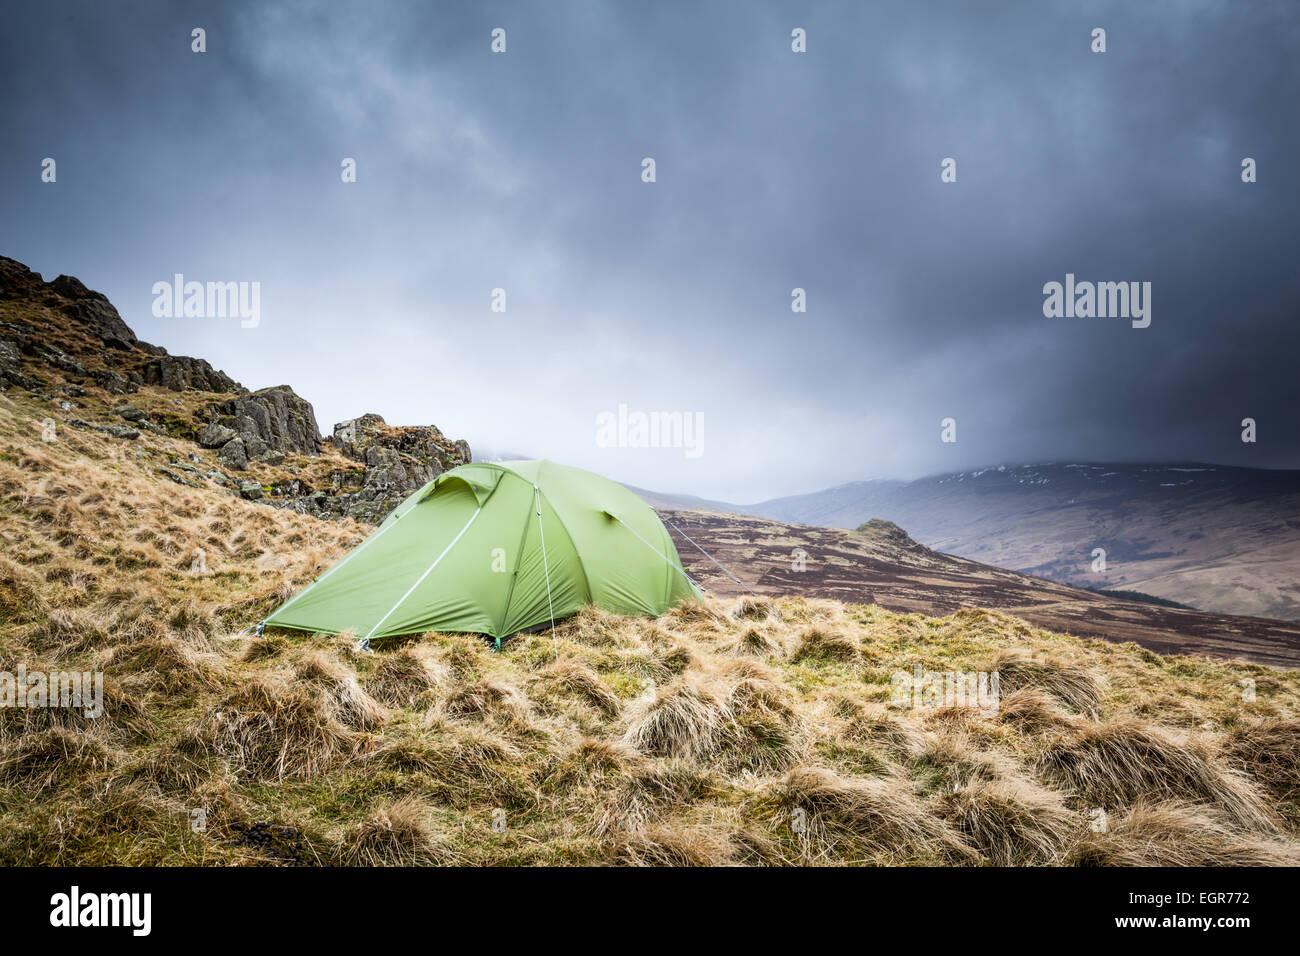 Campeggio selvaggio a fine inverno a balze Langlee affacciato Cheviot hill nella selvaggia campagna Northumberland Immagini Stock